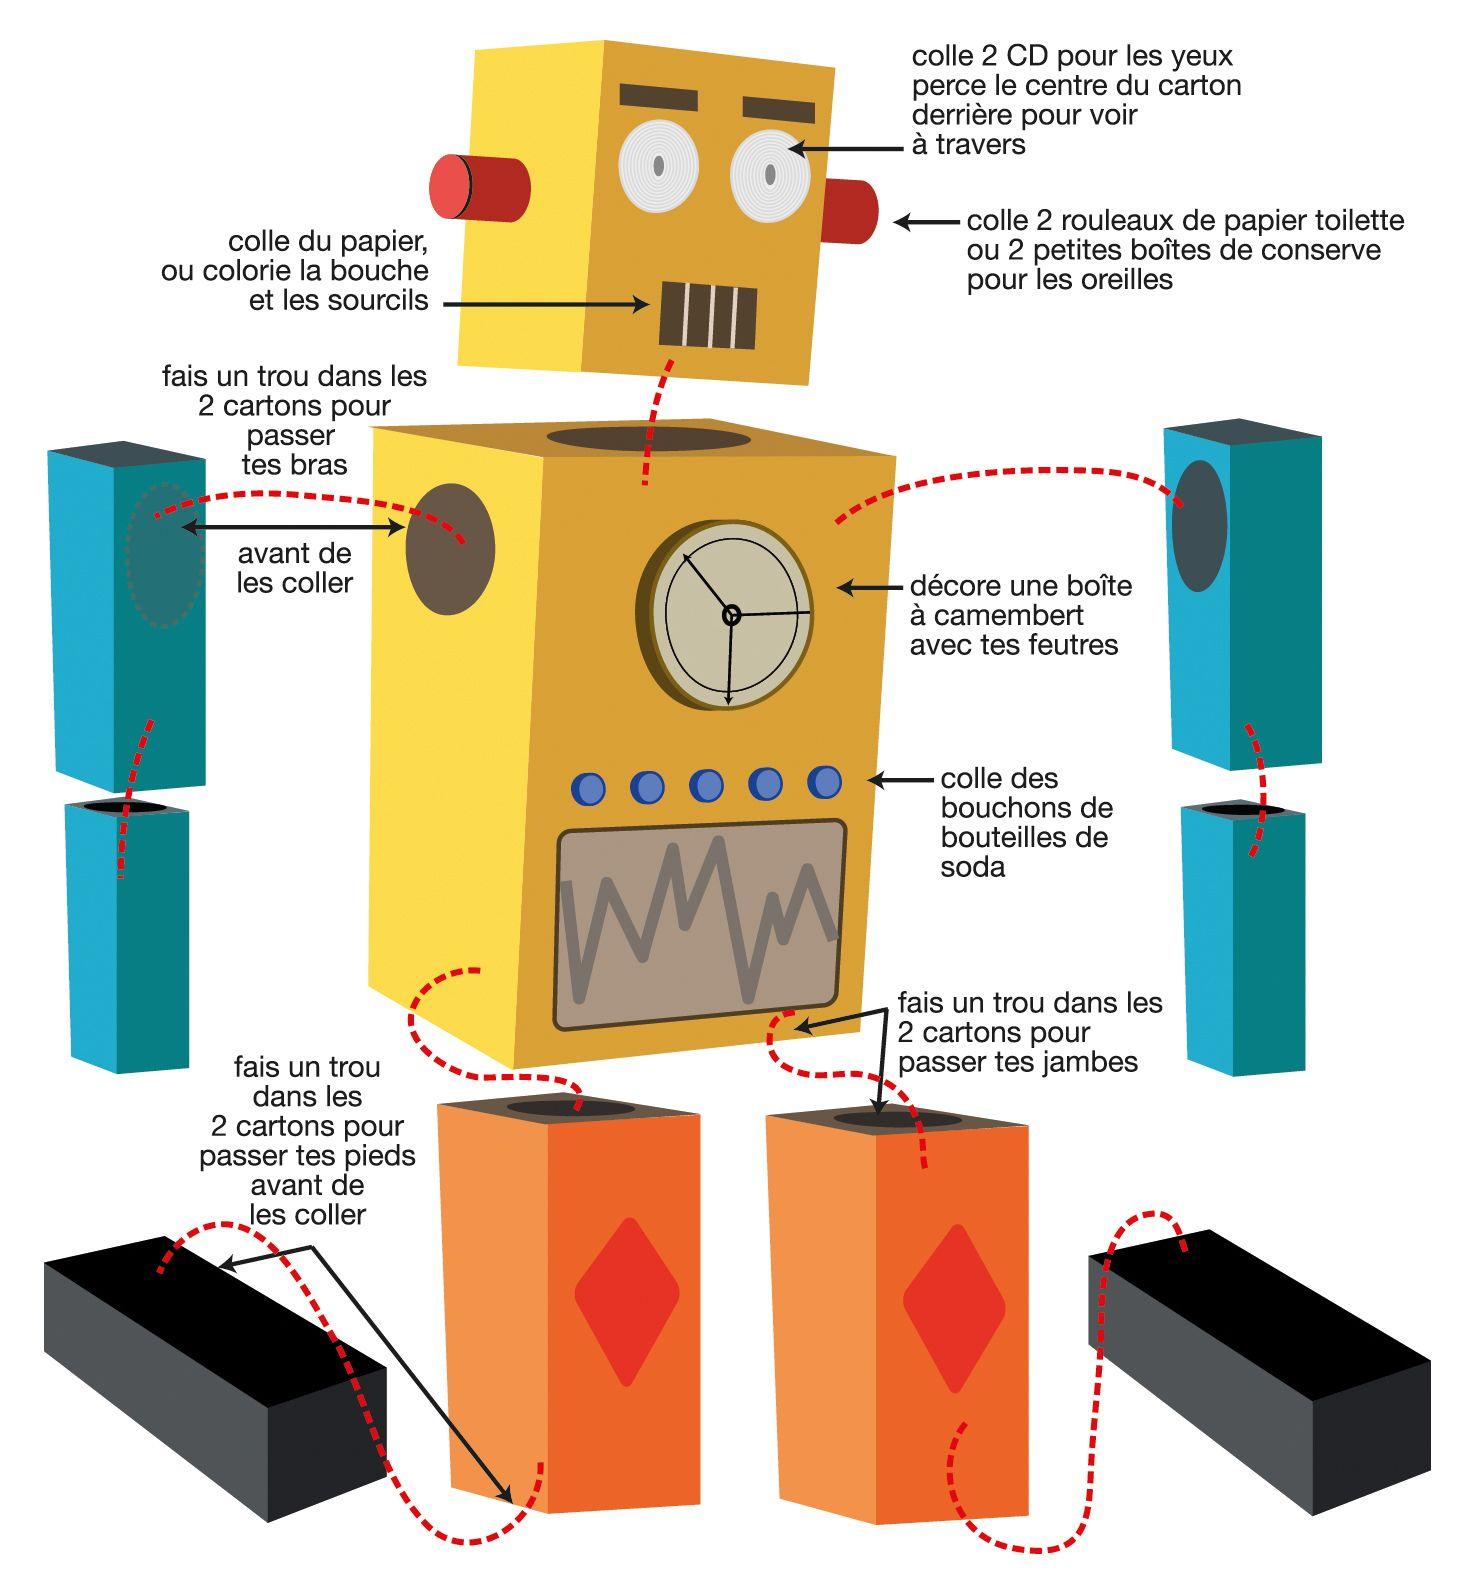 fabriquer un robot en carton idees pinterest carton d guisements et activit. Black Bedroom Furniture Sets. Home Design Ideas